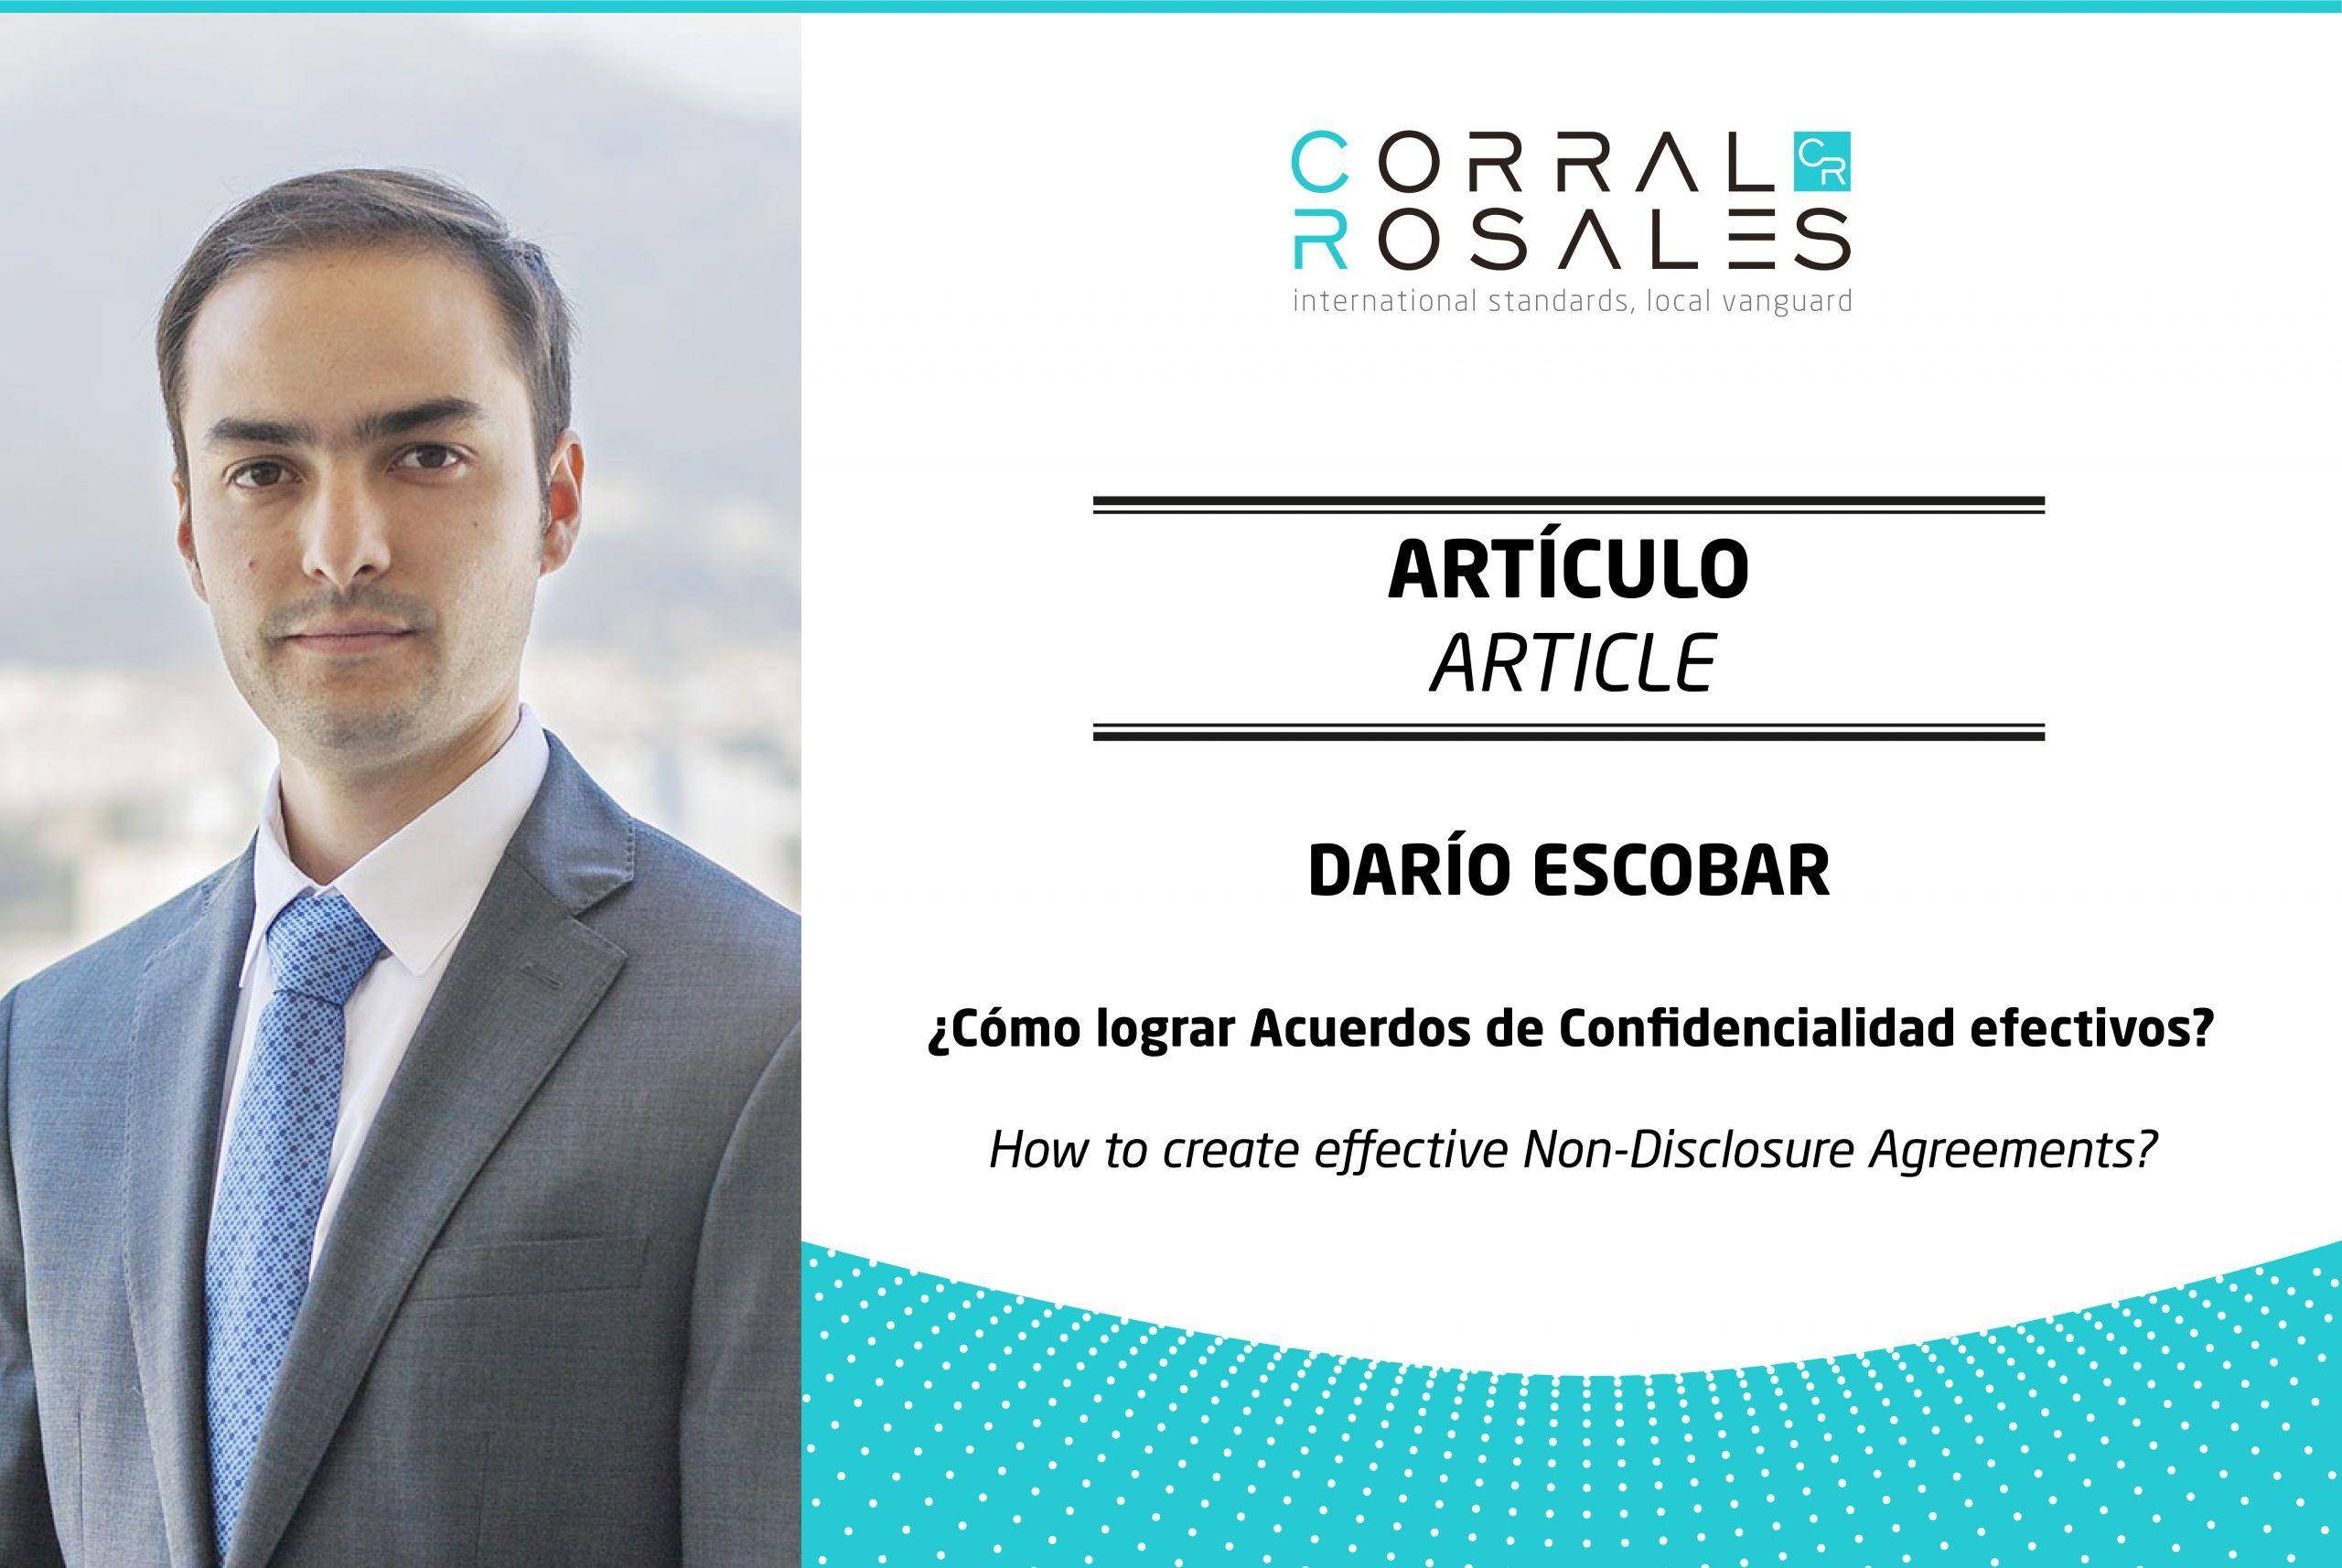 ¿Cómo lograr Acuerdos de Confidencialidad efectivos? - CorralRosales - Abogados Ecuador